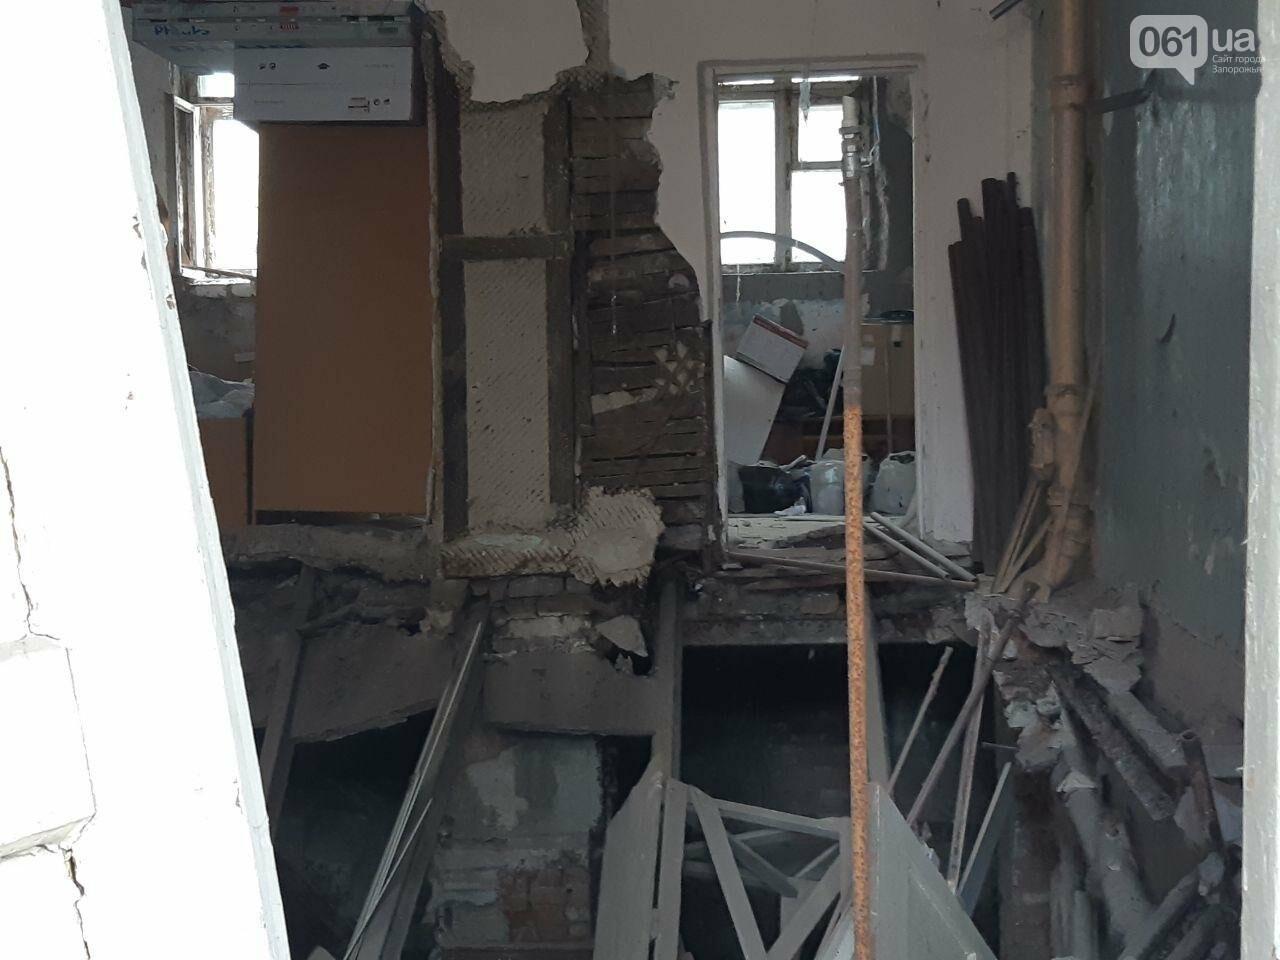 В Запорожье в жилом доме обвалилась опорная стена: открыто уголовное дело, людей переселяют в общежития, - ФОТОРЕПОРТАЖ, фото-7